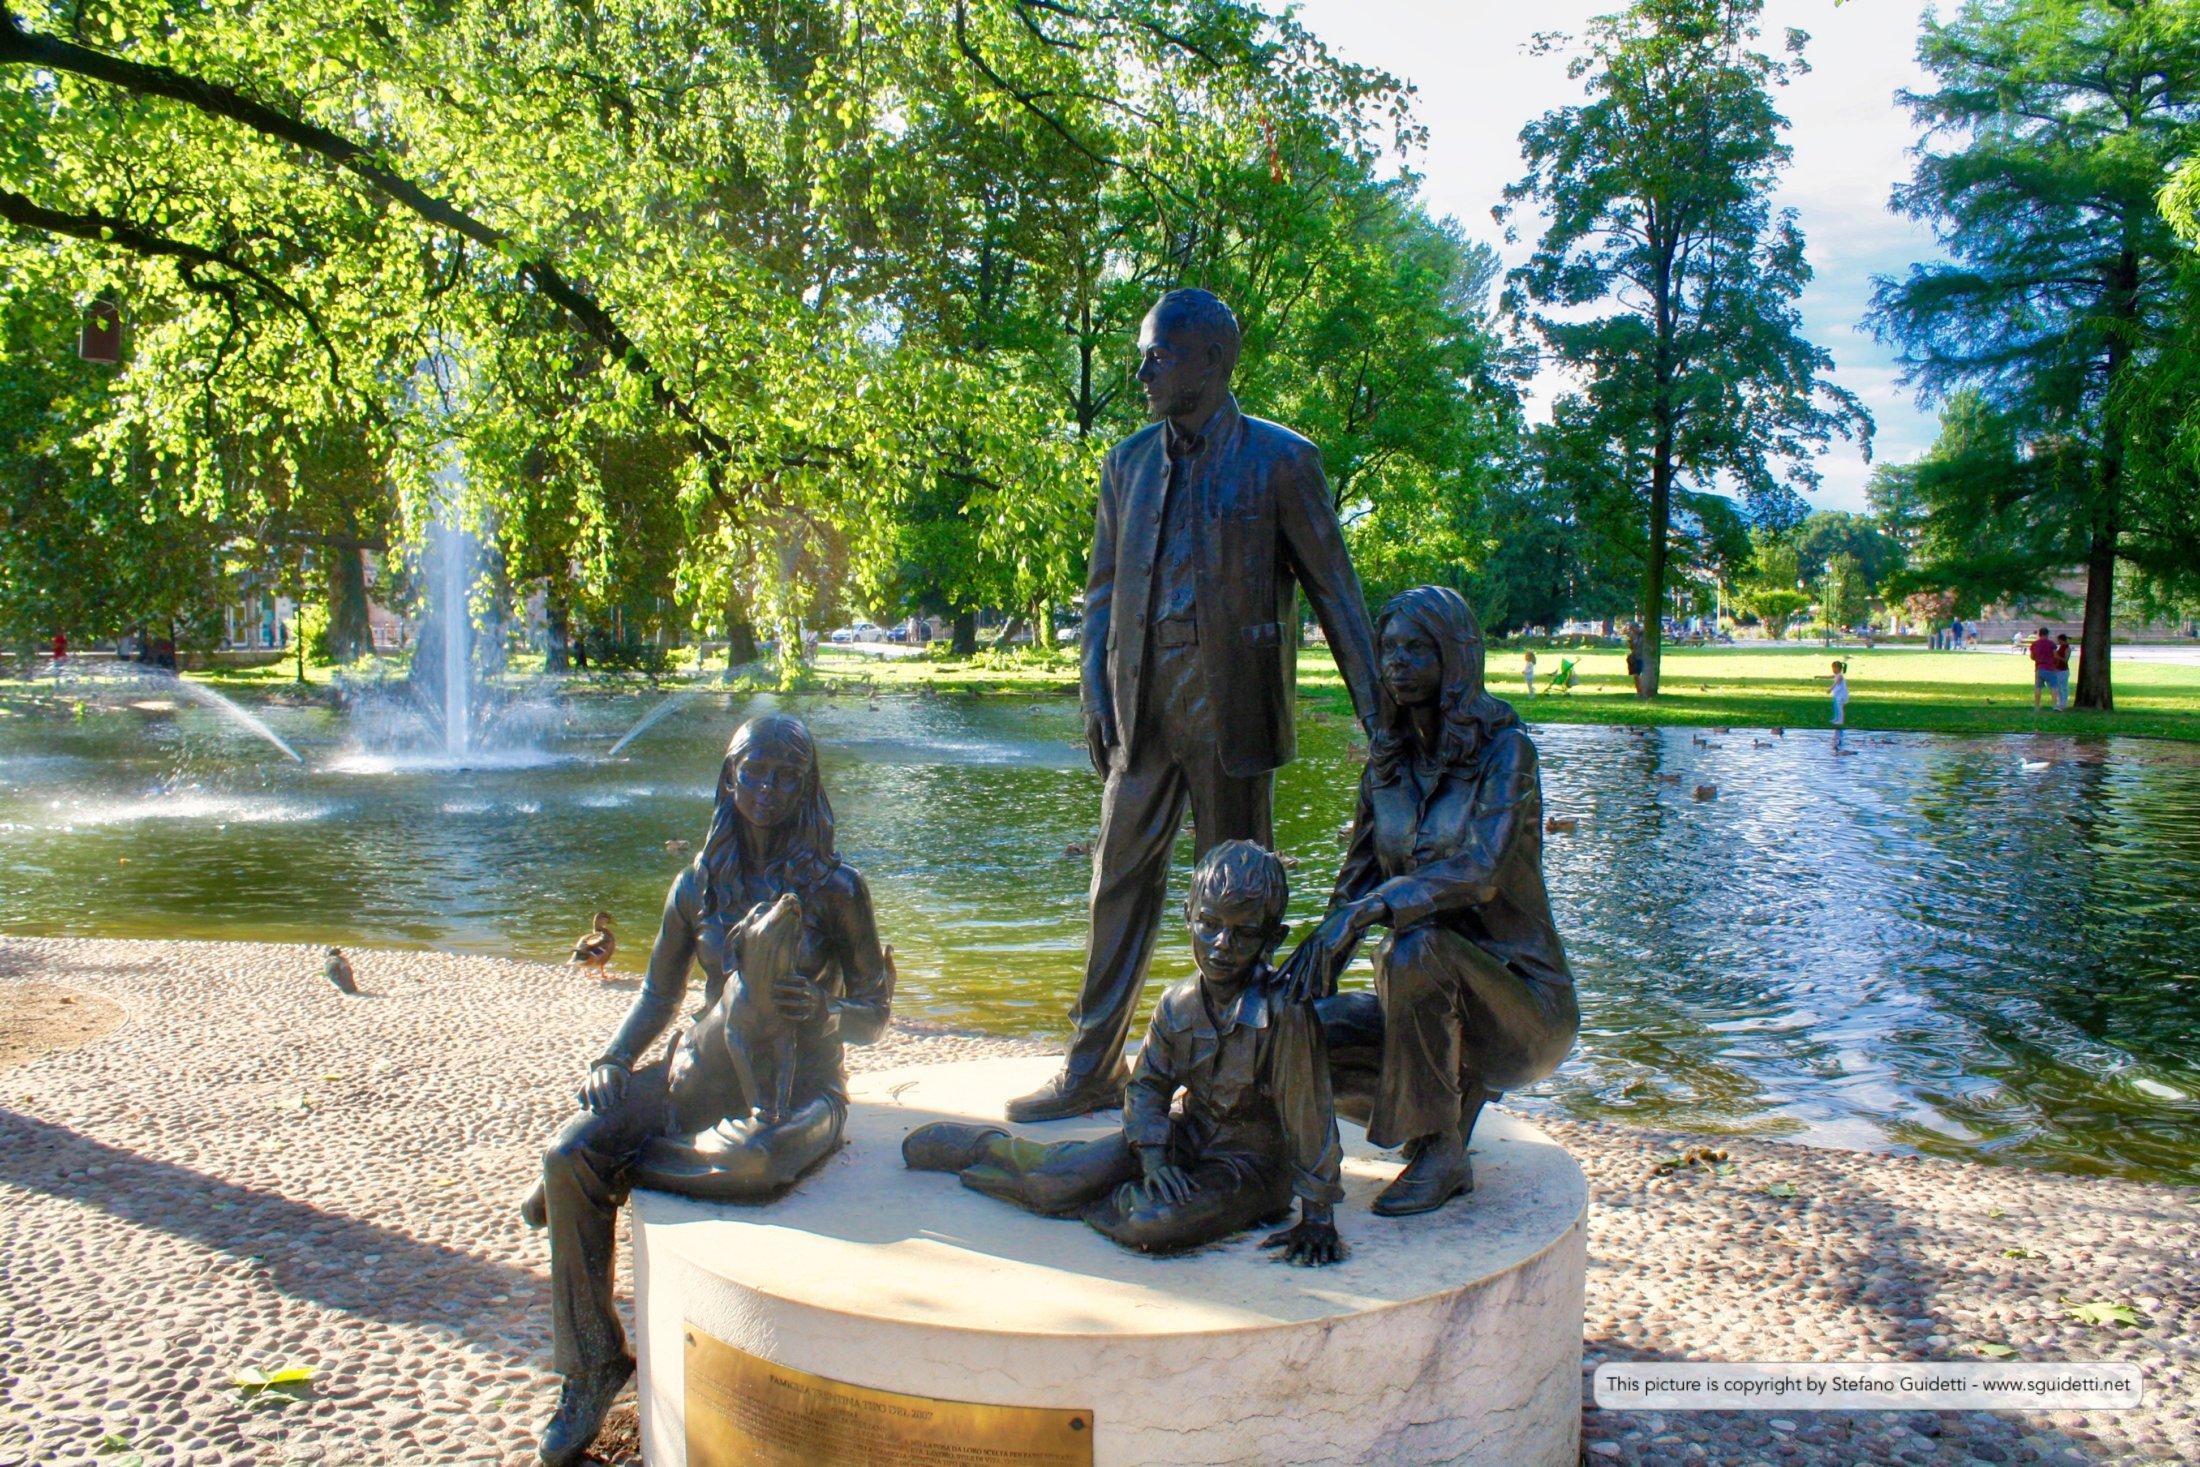 Parco di Piazza Dante